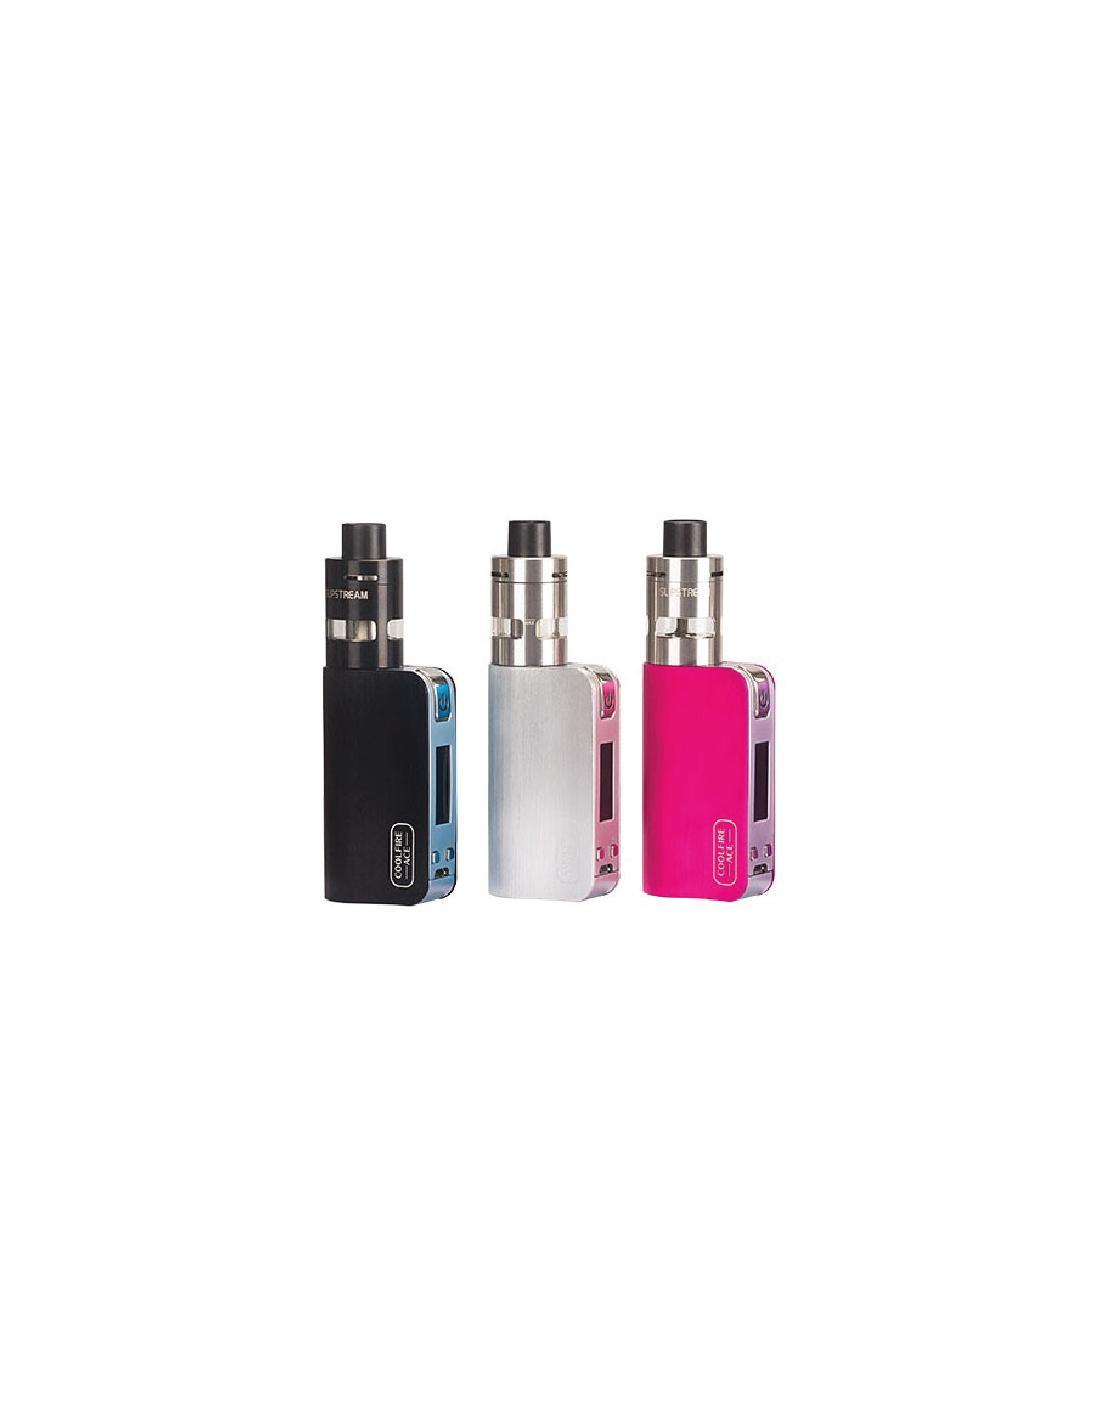 Innokin Kit Coolfire Mini Sigaretta Elettronica Con Batteria Integrata Da 1300 Mah E Atomizzatore Da 2 Ml